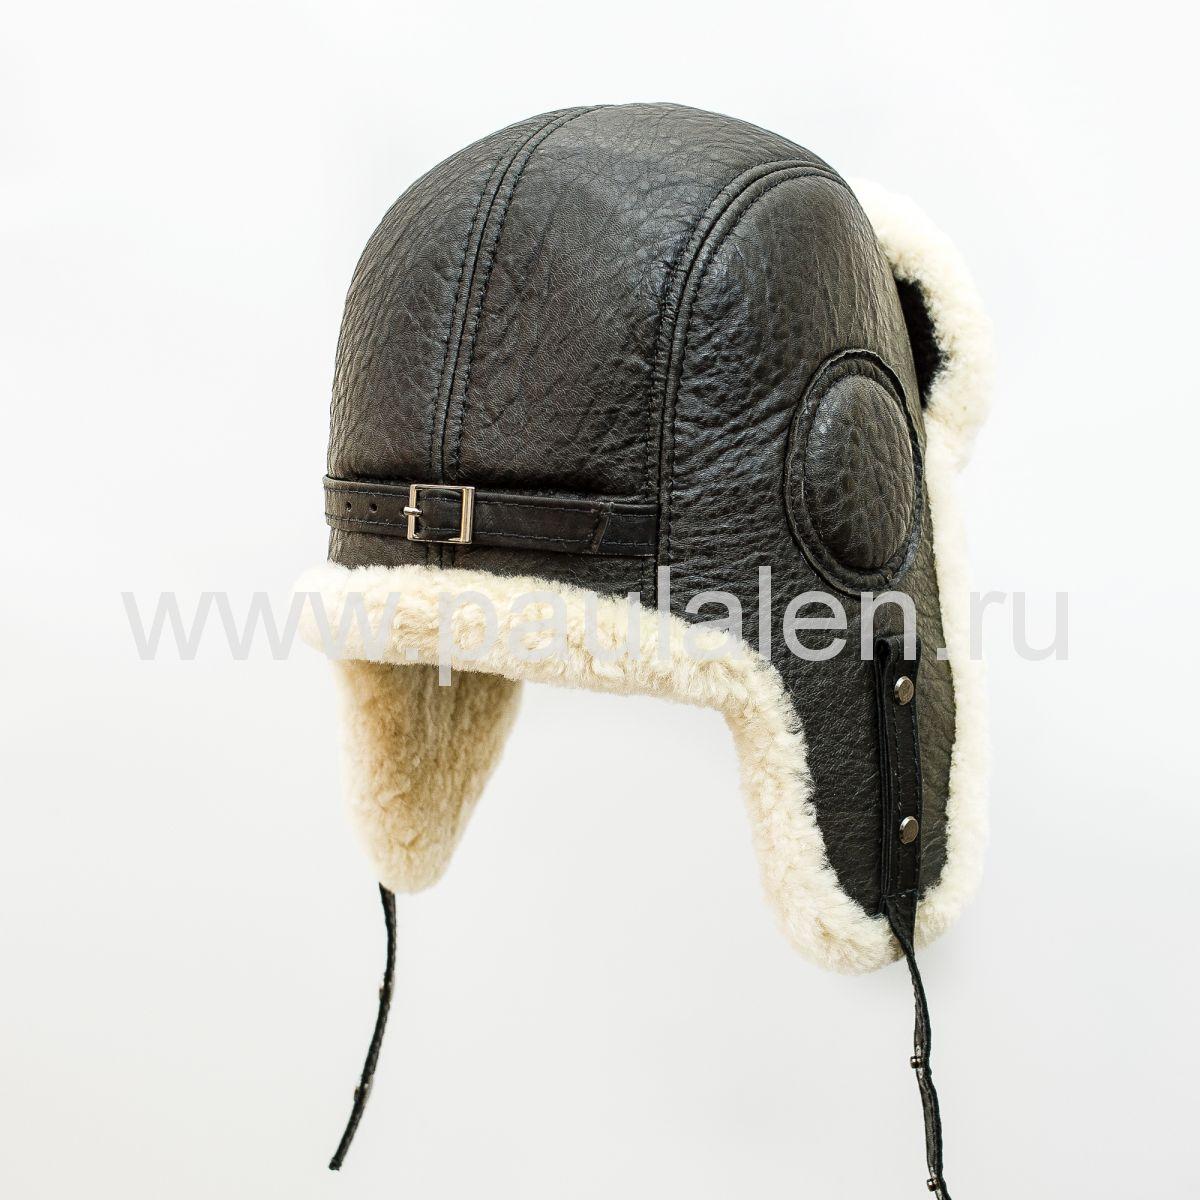 Ушанка авиатор шлем мужской